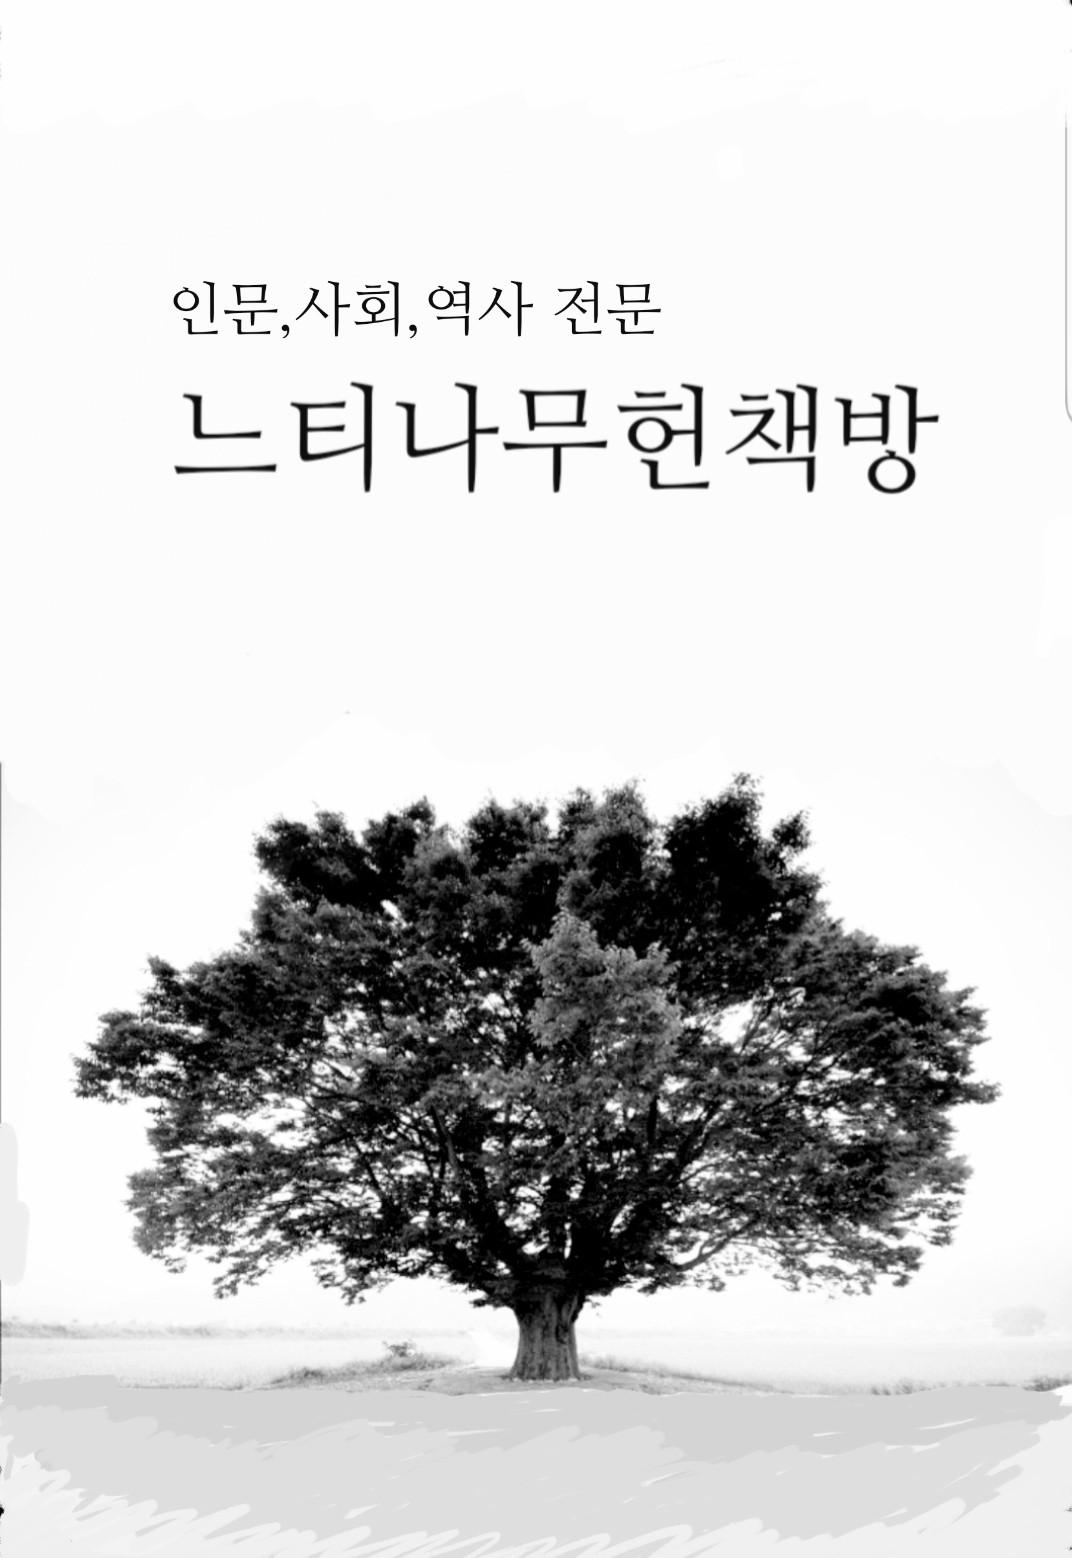 왕산 허위의 사상과 구국의병항쟁 - 선주문화연구총서 3 (알동8코너)